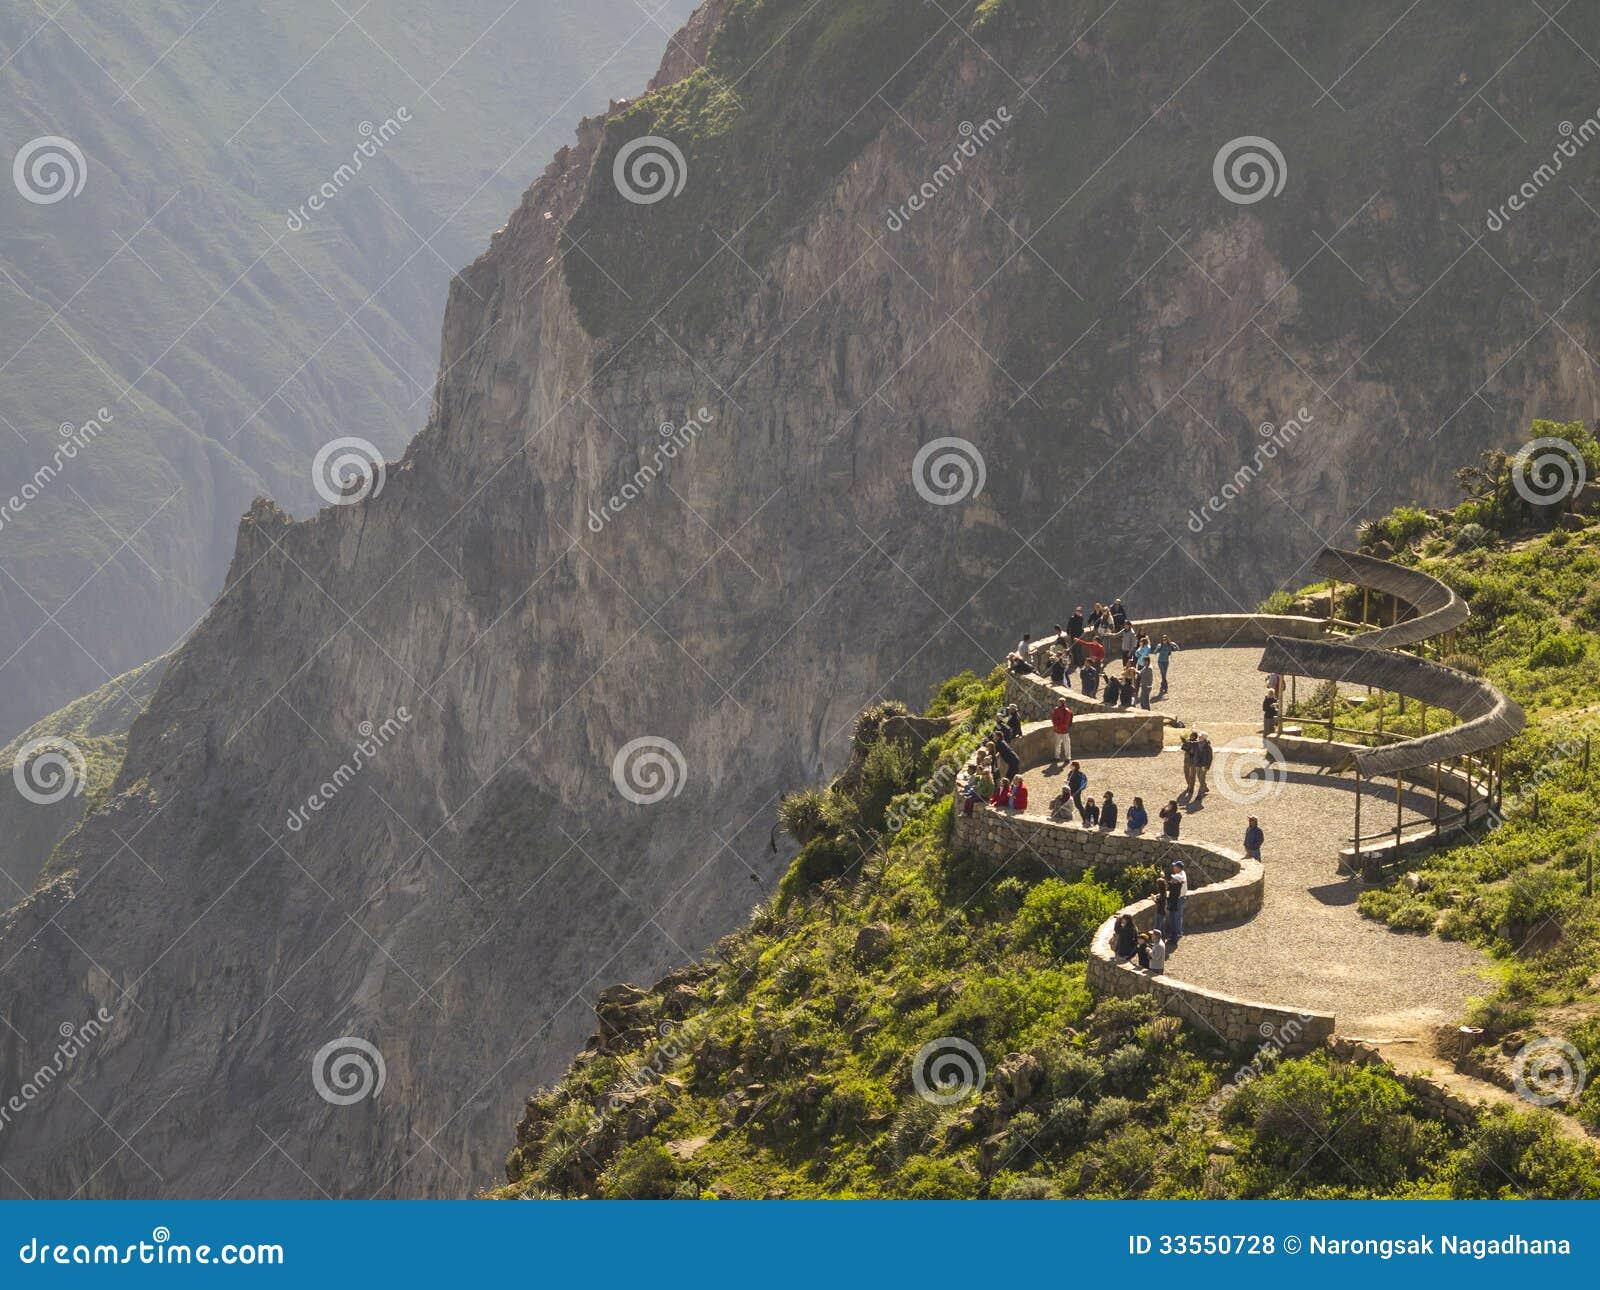 Colca canyon view point, Peru.